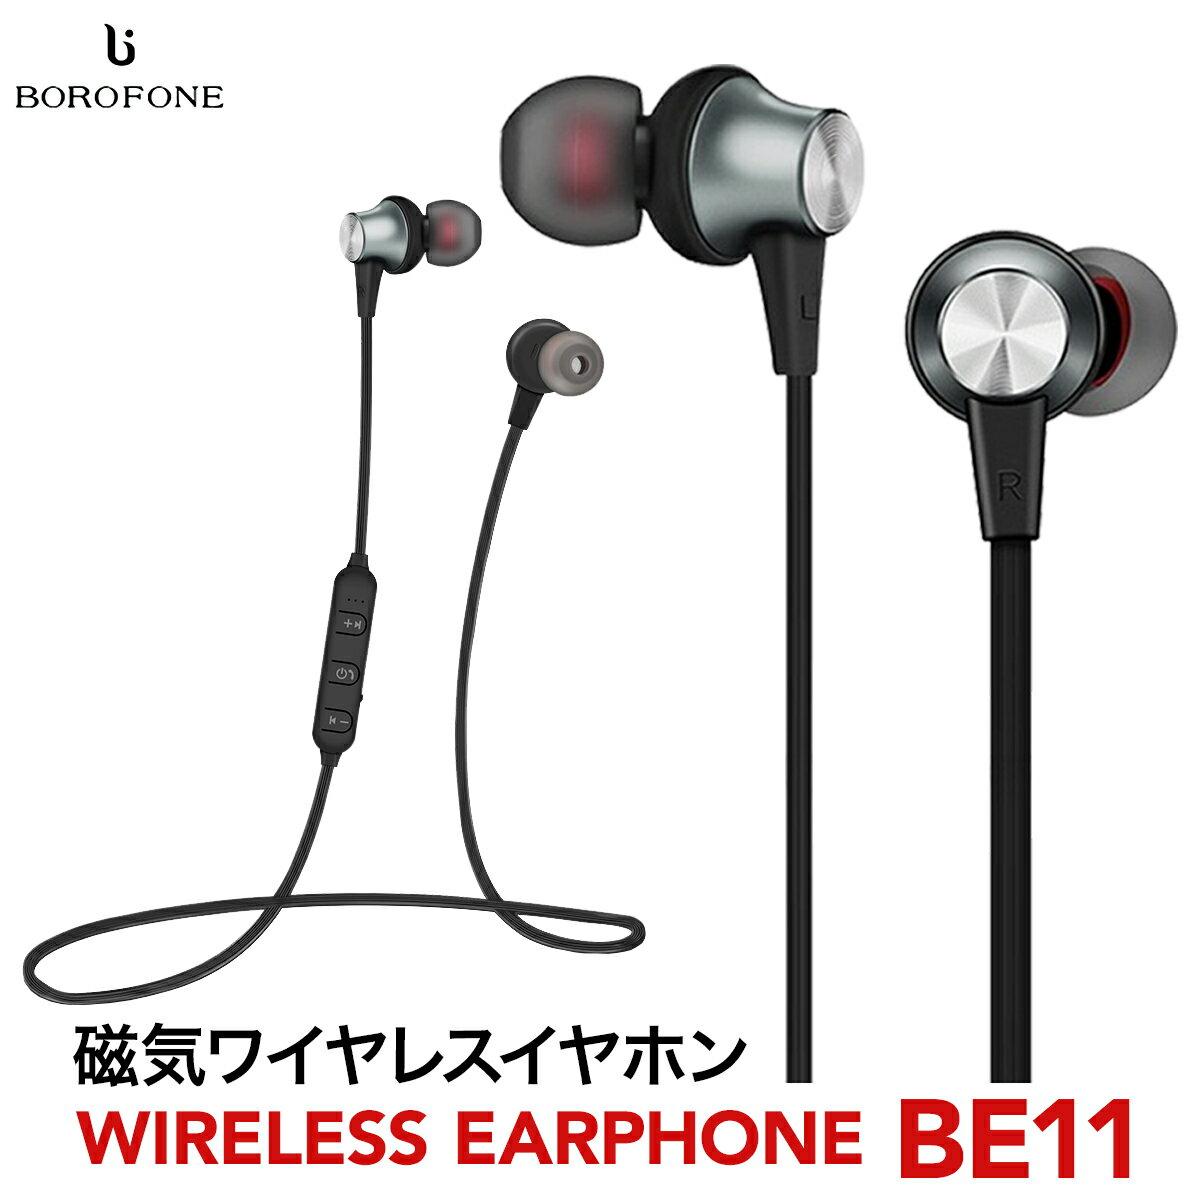 ワイヤレスイヤホン ワイヤレス イヤホン Bluetooth iphone 両耳 スポーツイヤホン ハンズフリー ワイヤレス イヤホン ランニング ボロフォン BOROFONE borofone-be11-cp